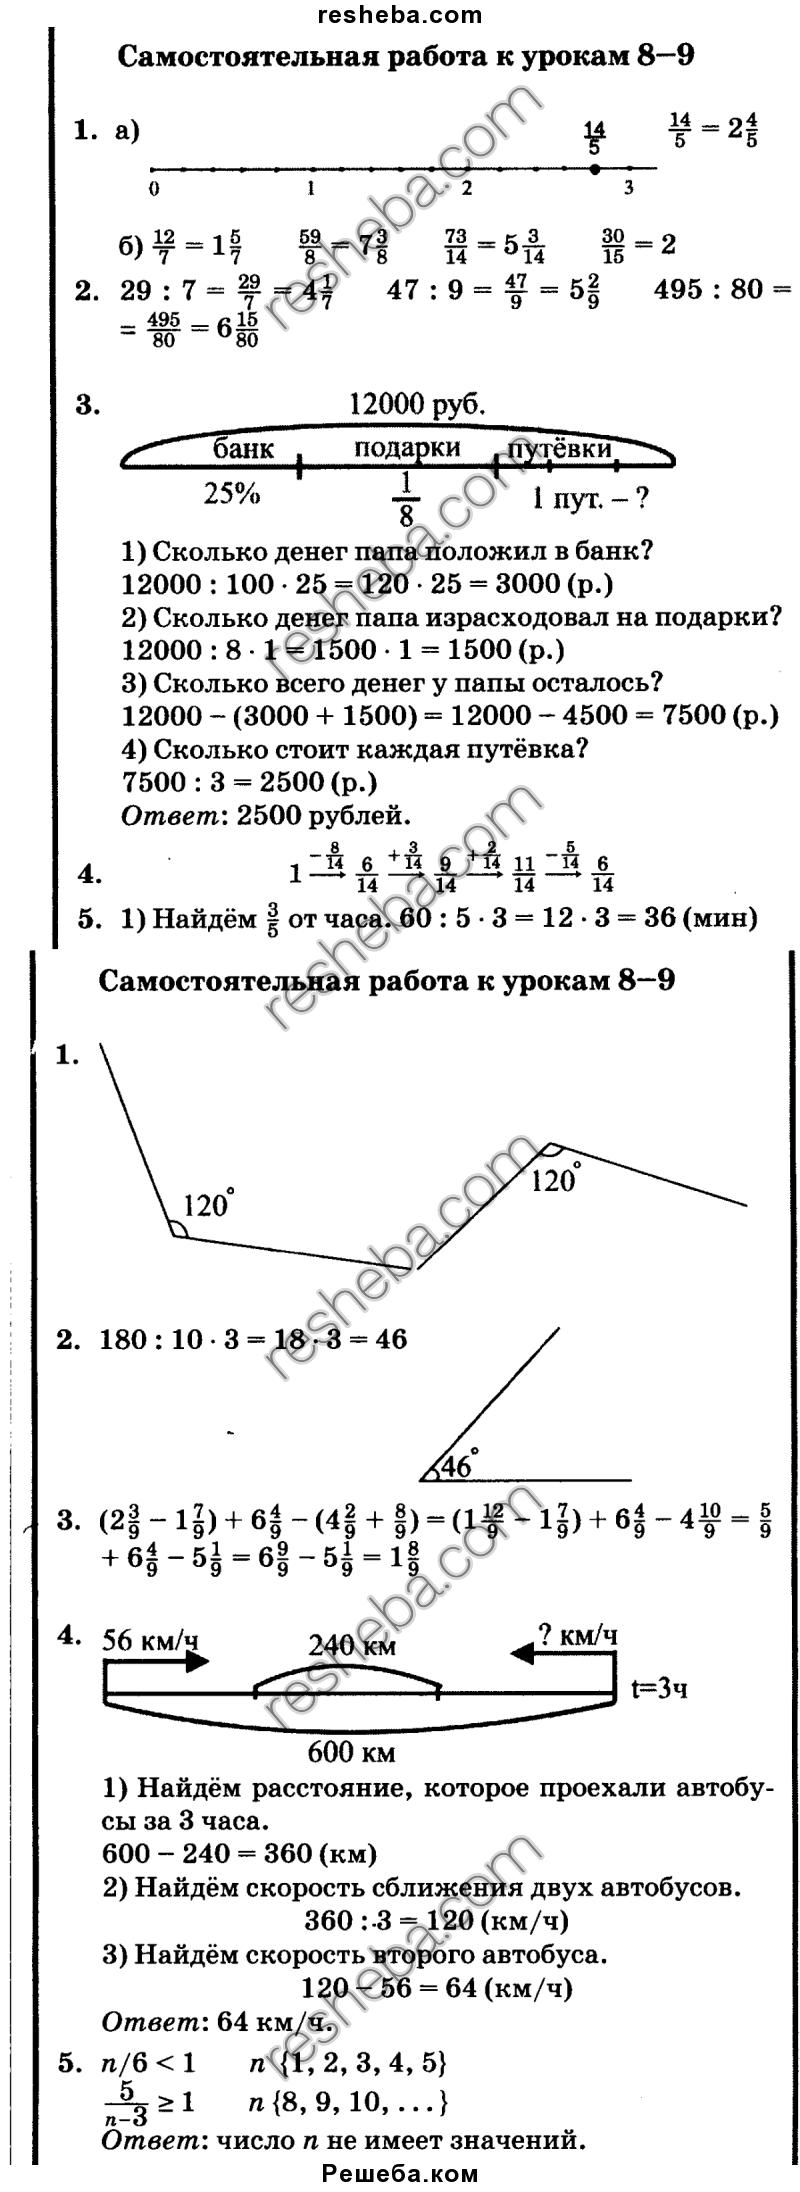 Биология мамонтов захаров гдз 9 класс